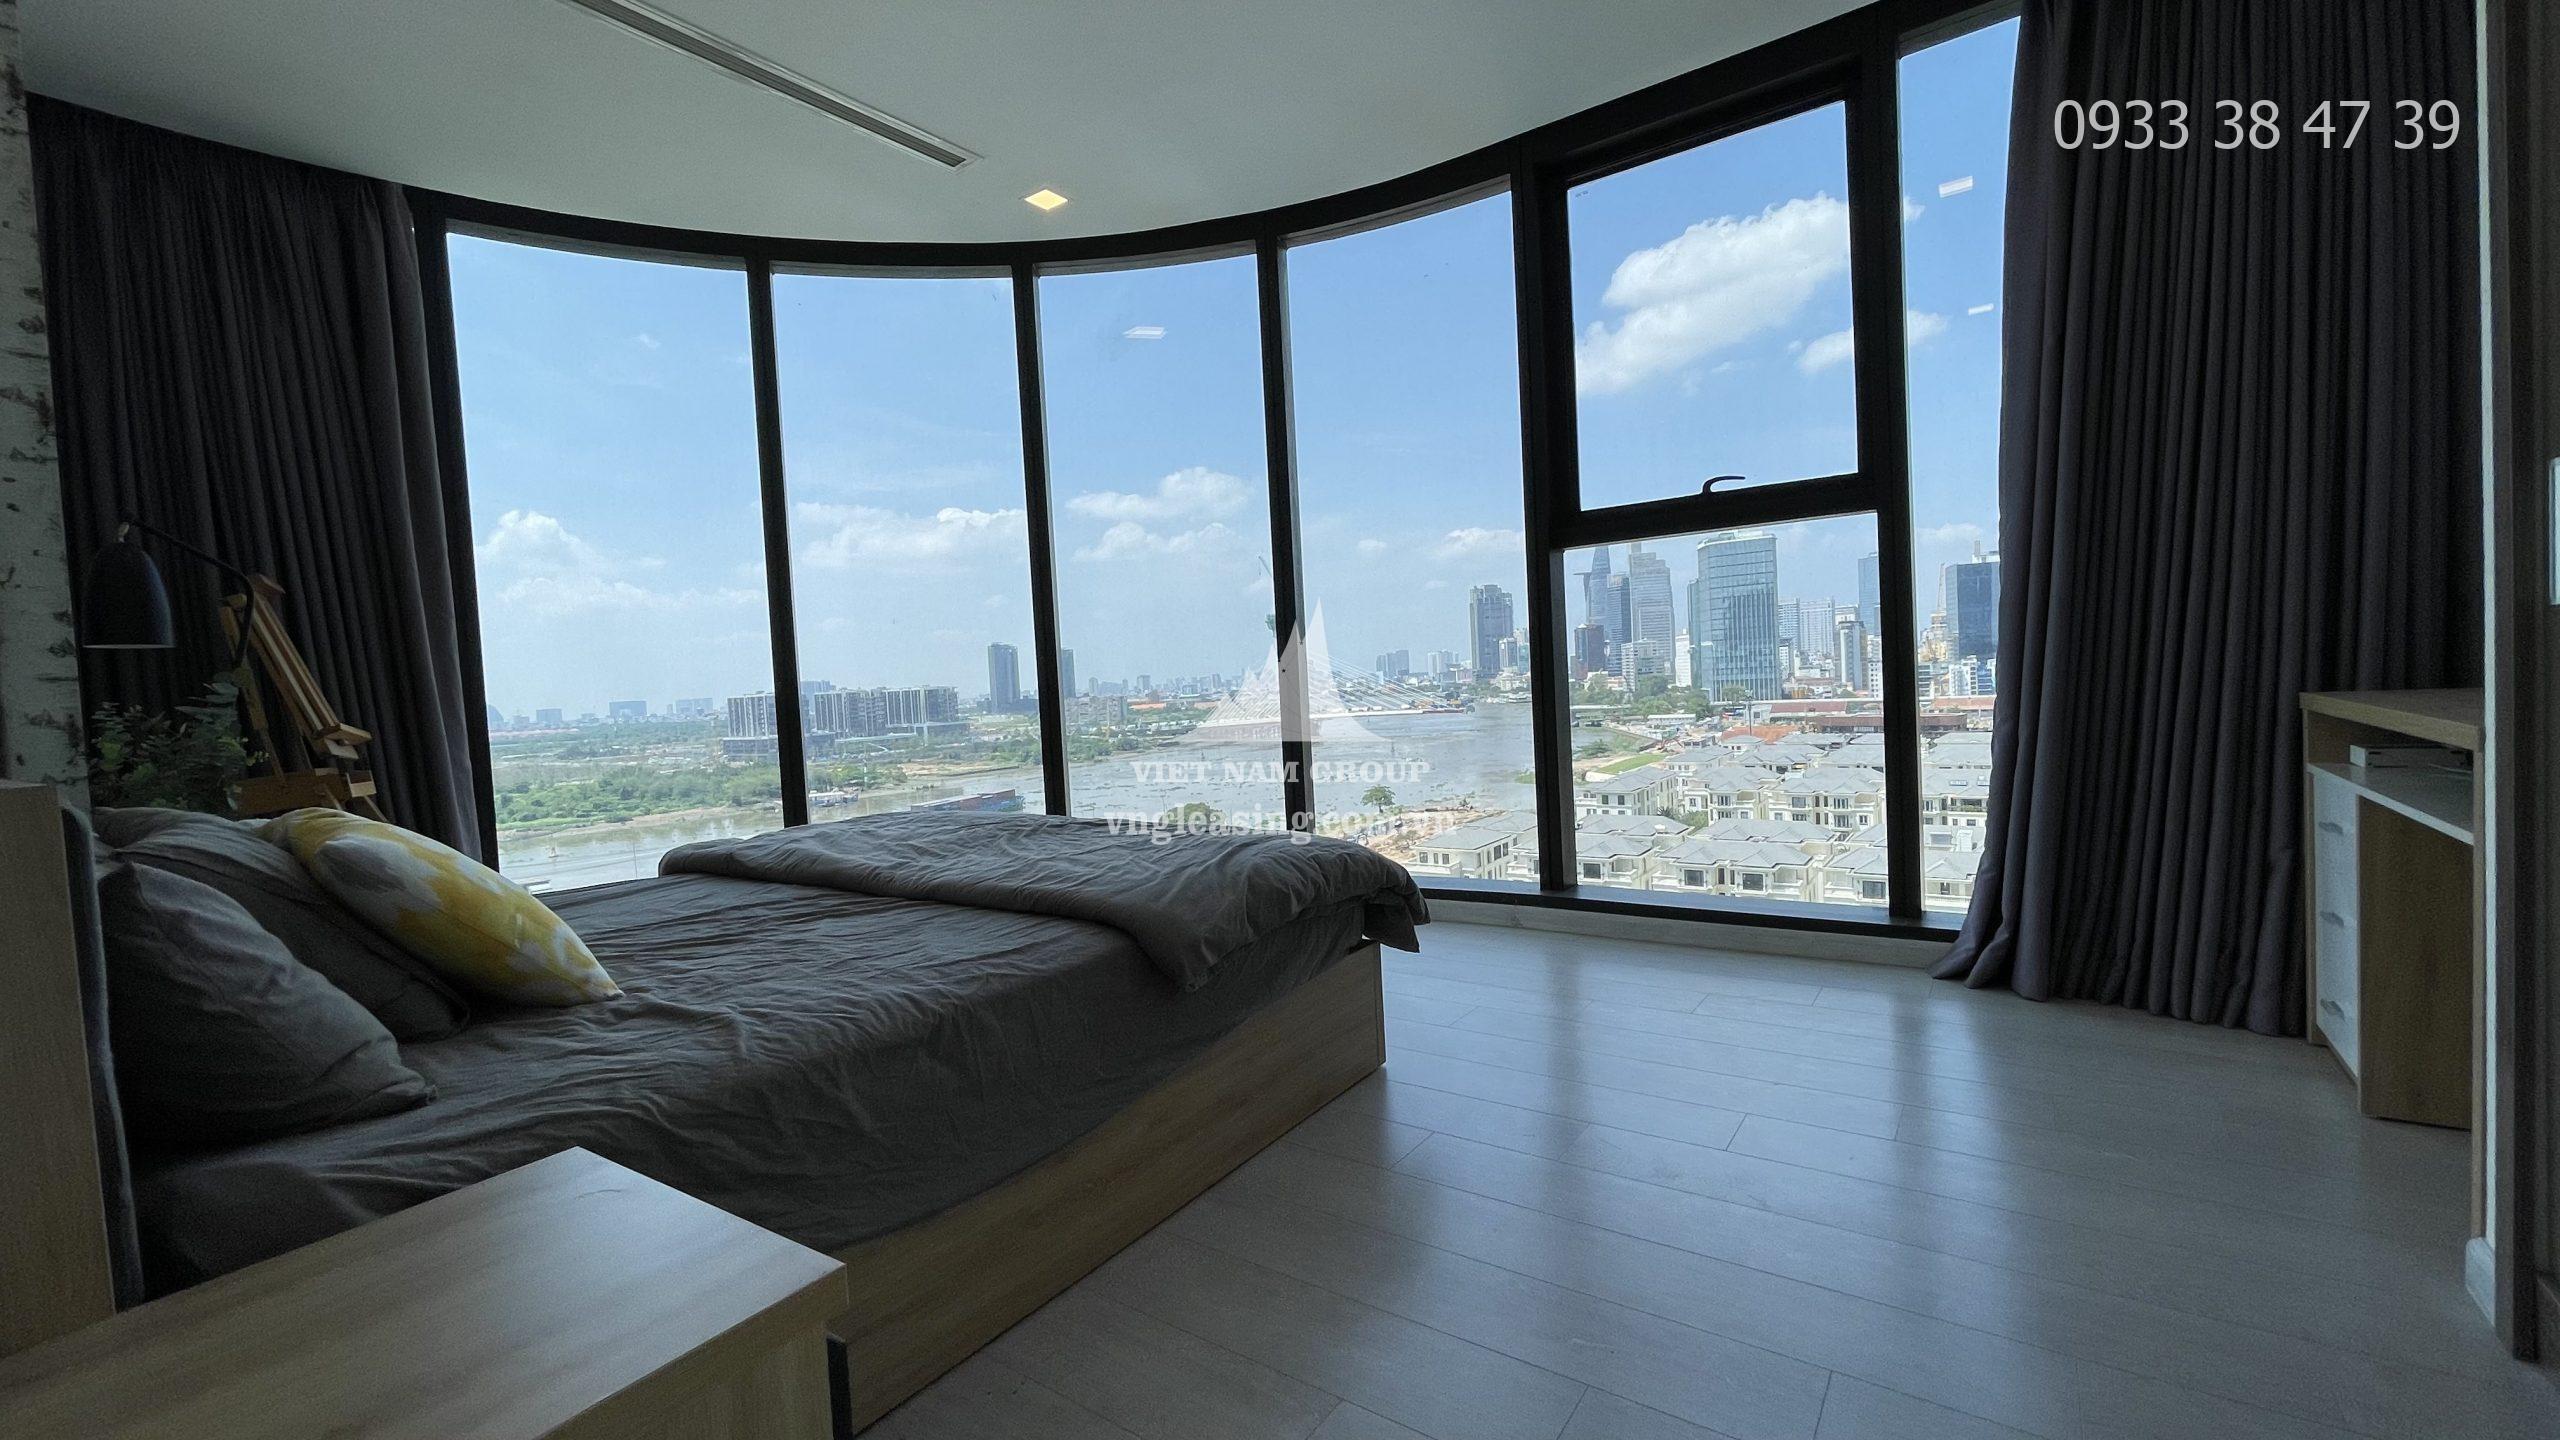 Bán căn hộ 3 phòng ngủ Vinhomes Bason view Bitexco